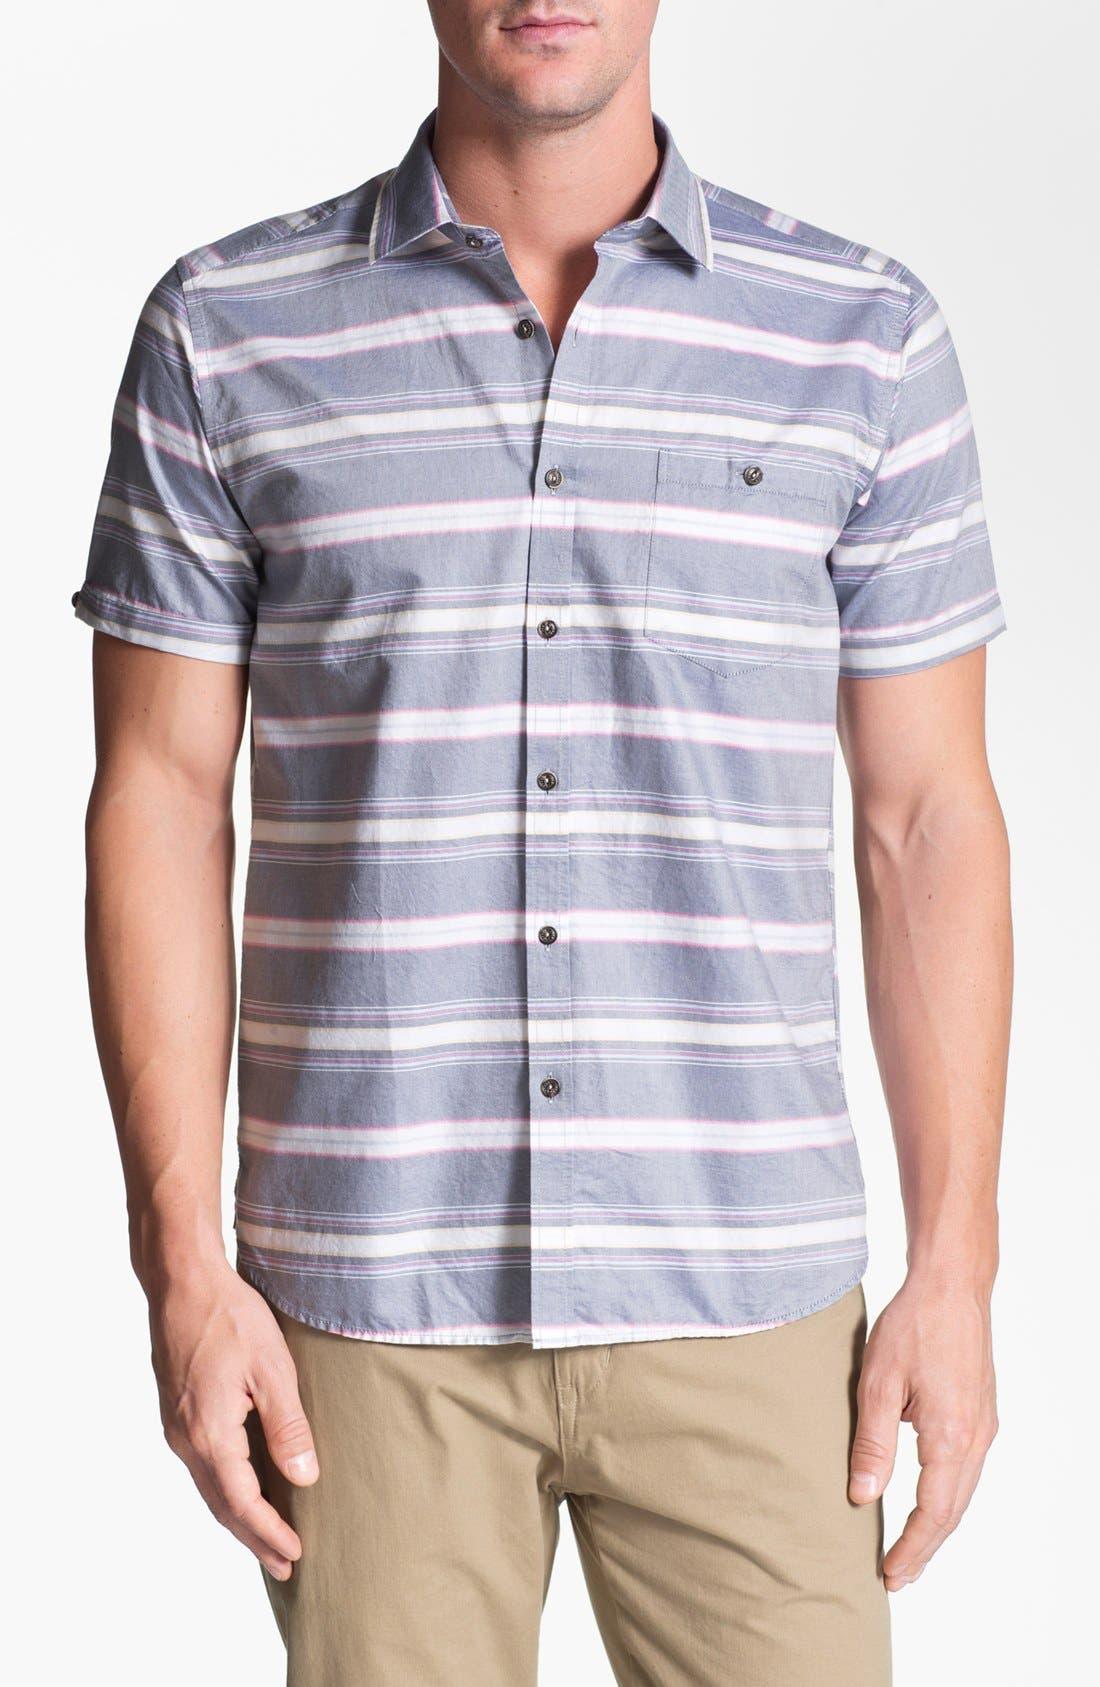 Alternate Image 1 Selected - Ted Baker London 'Sandrog' Trim Fit Short Sleeve Oxford Sport Shirt